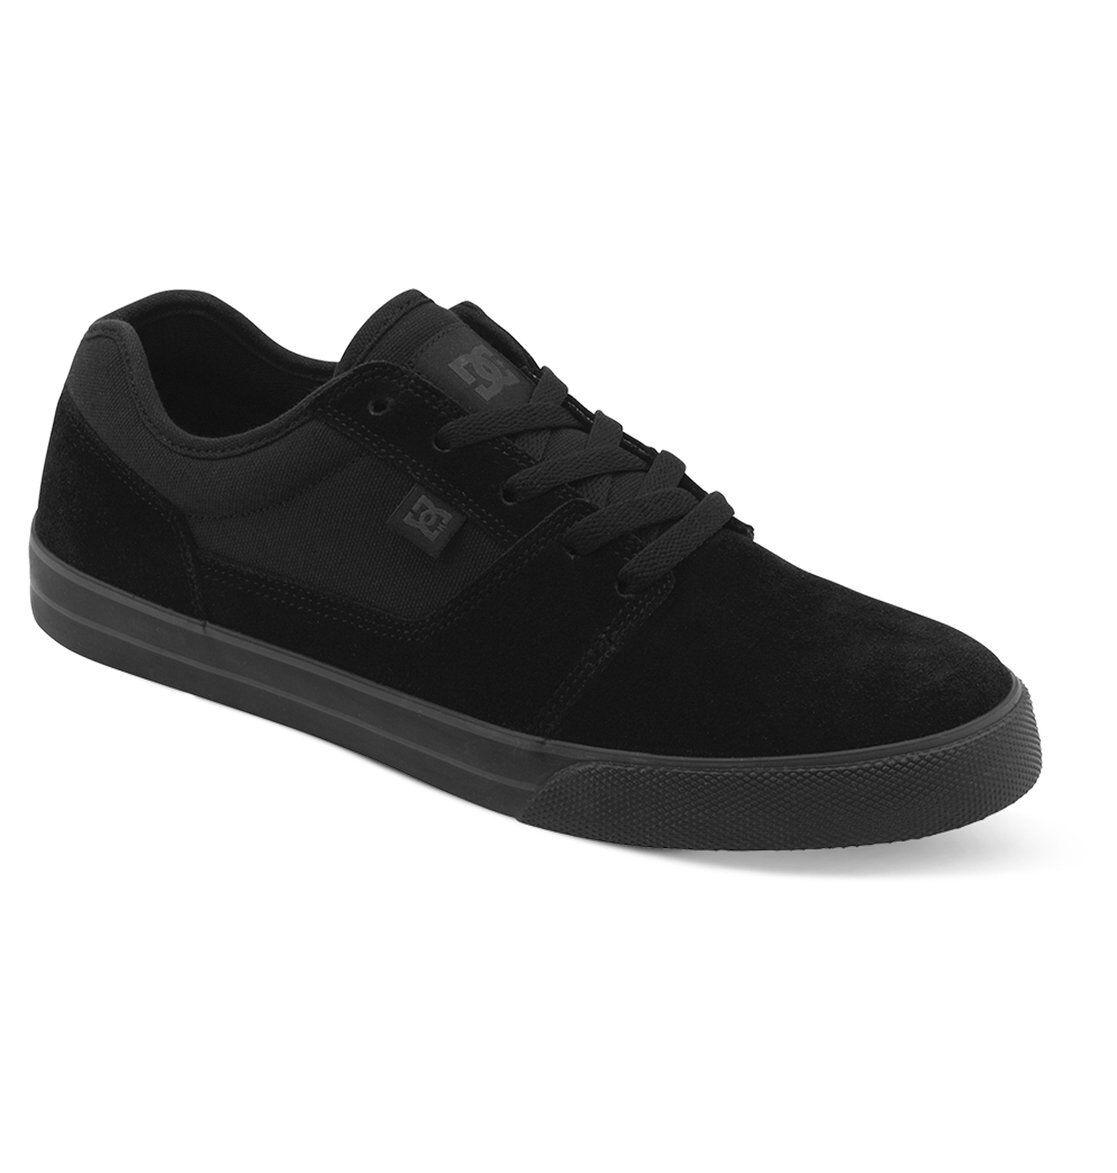 Grandes descuentos nuevos zapatos UV1666 Scarpe Zapatillas LEATHER CROWN 41 uomo